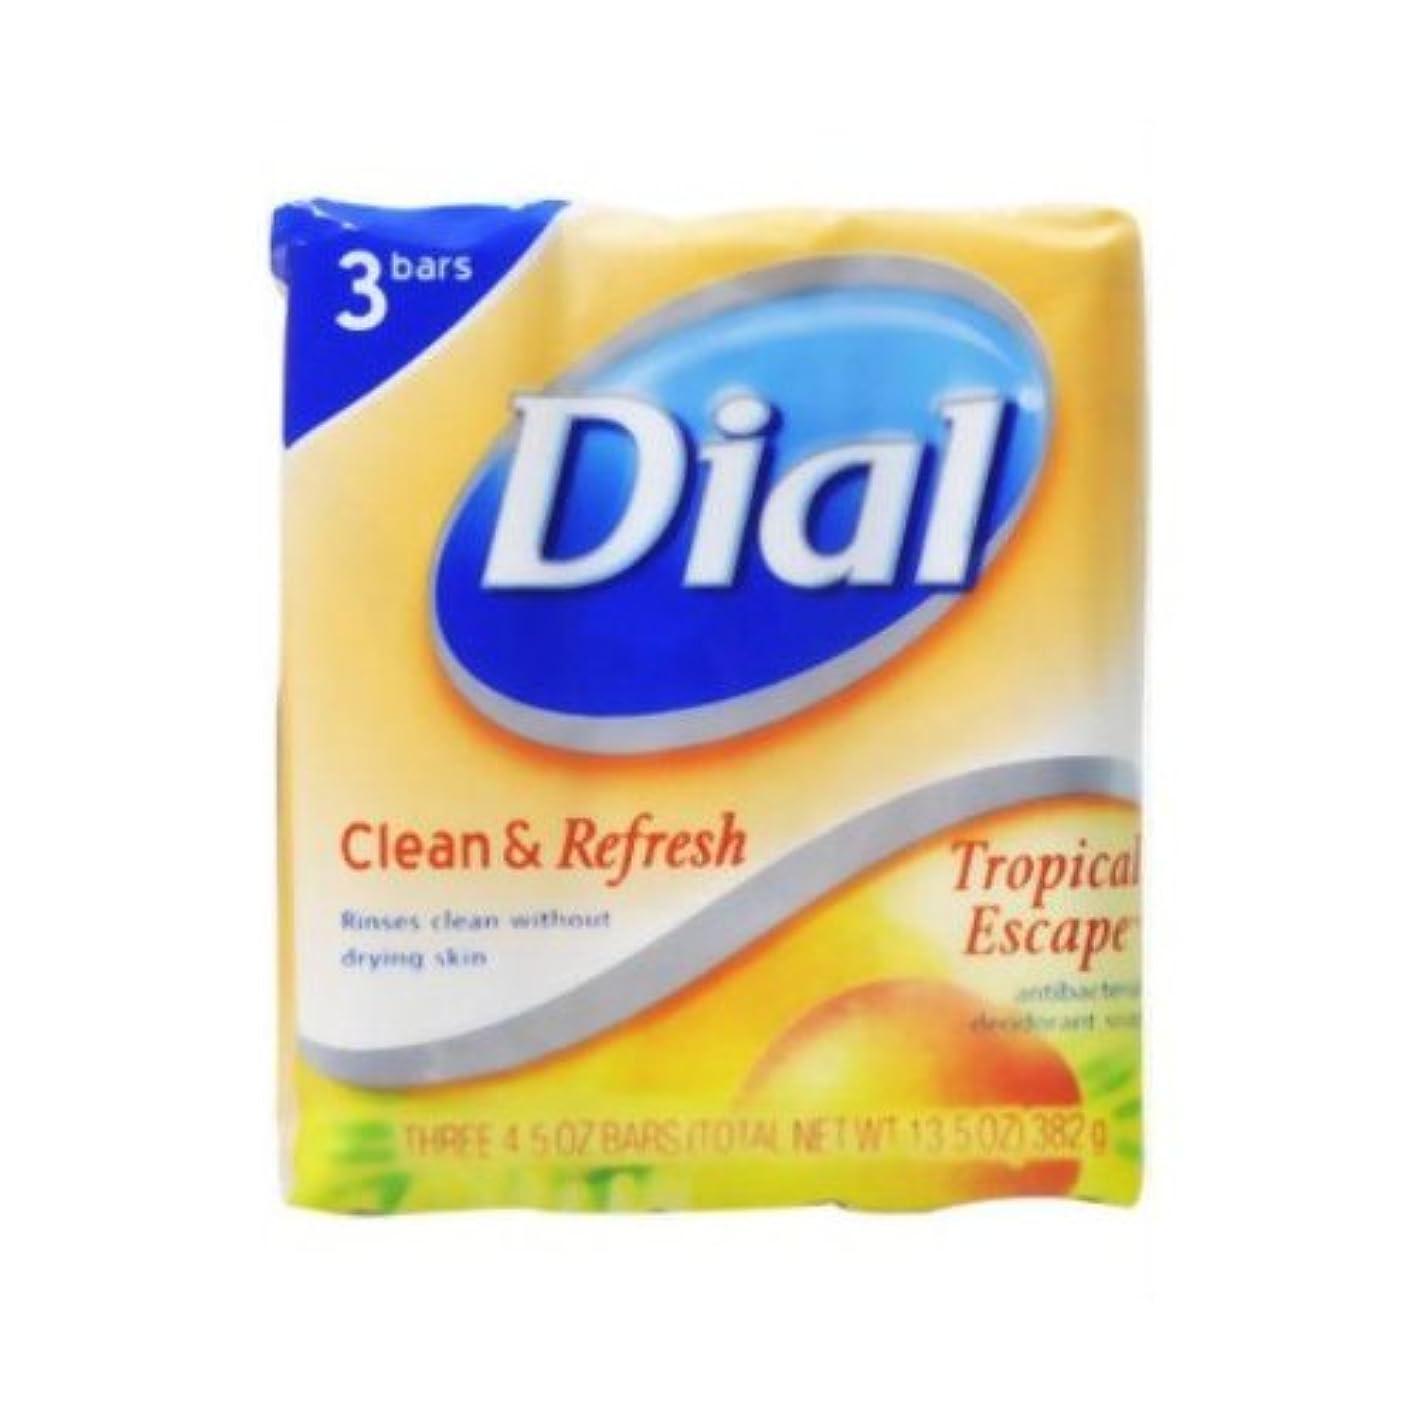 ビットメトリックストレス【DIAL】ダイアル デオドラント石鹸 トロピカルエスケープ 3個パック